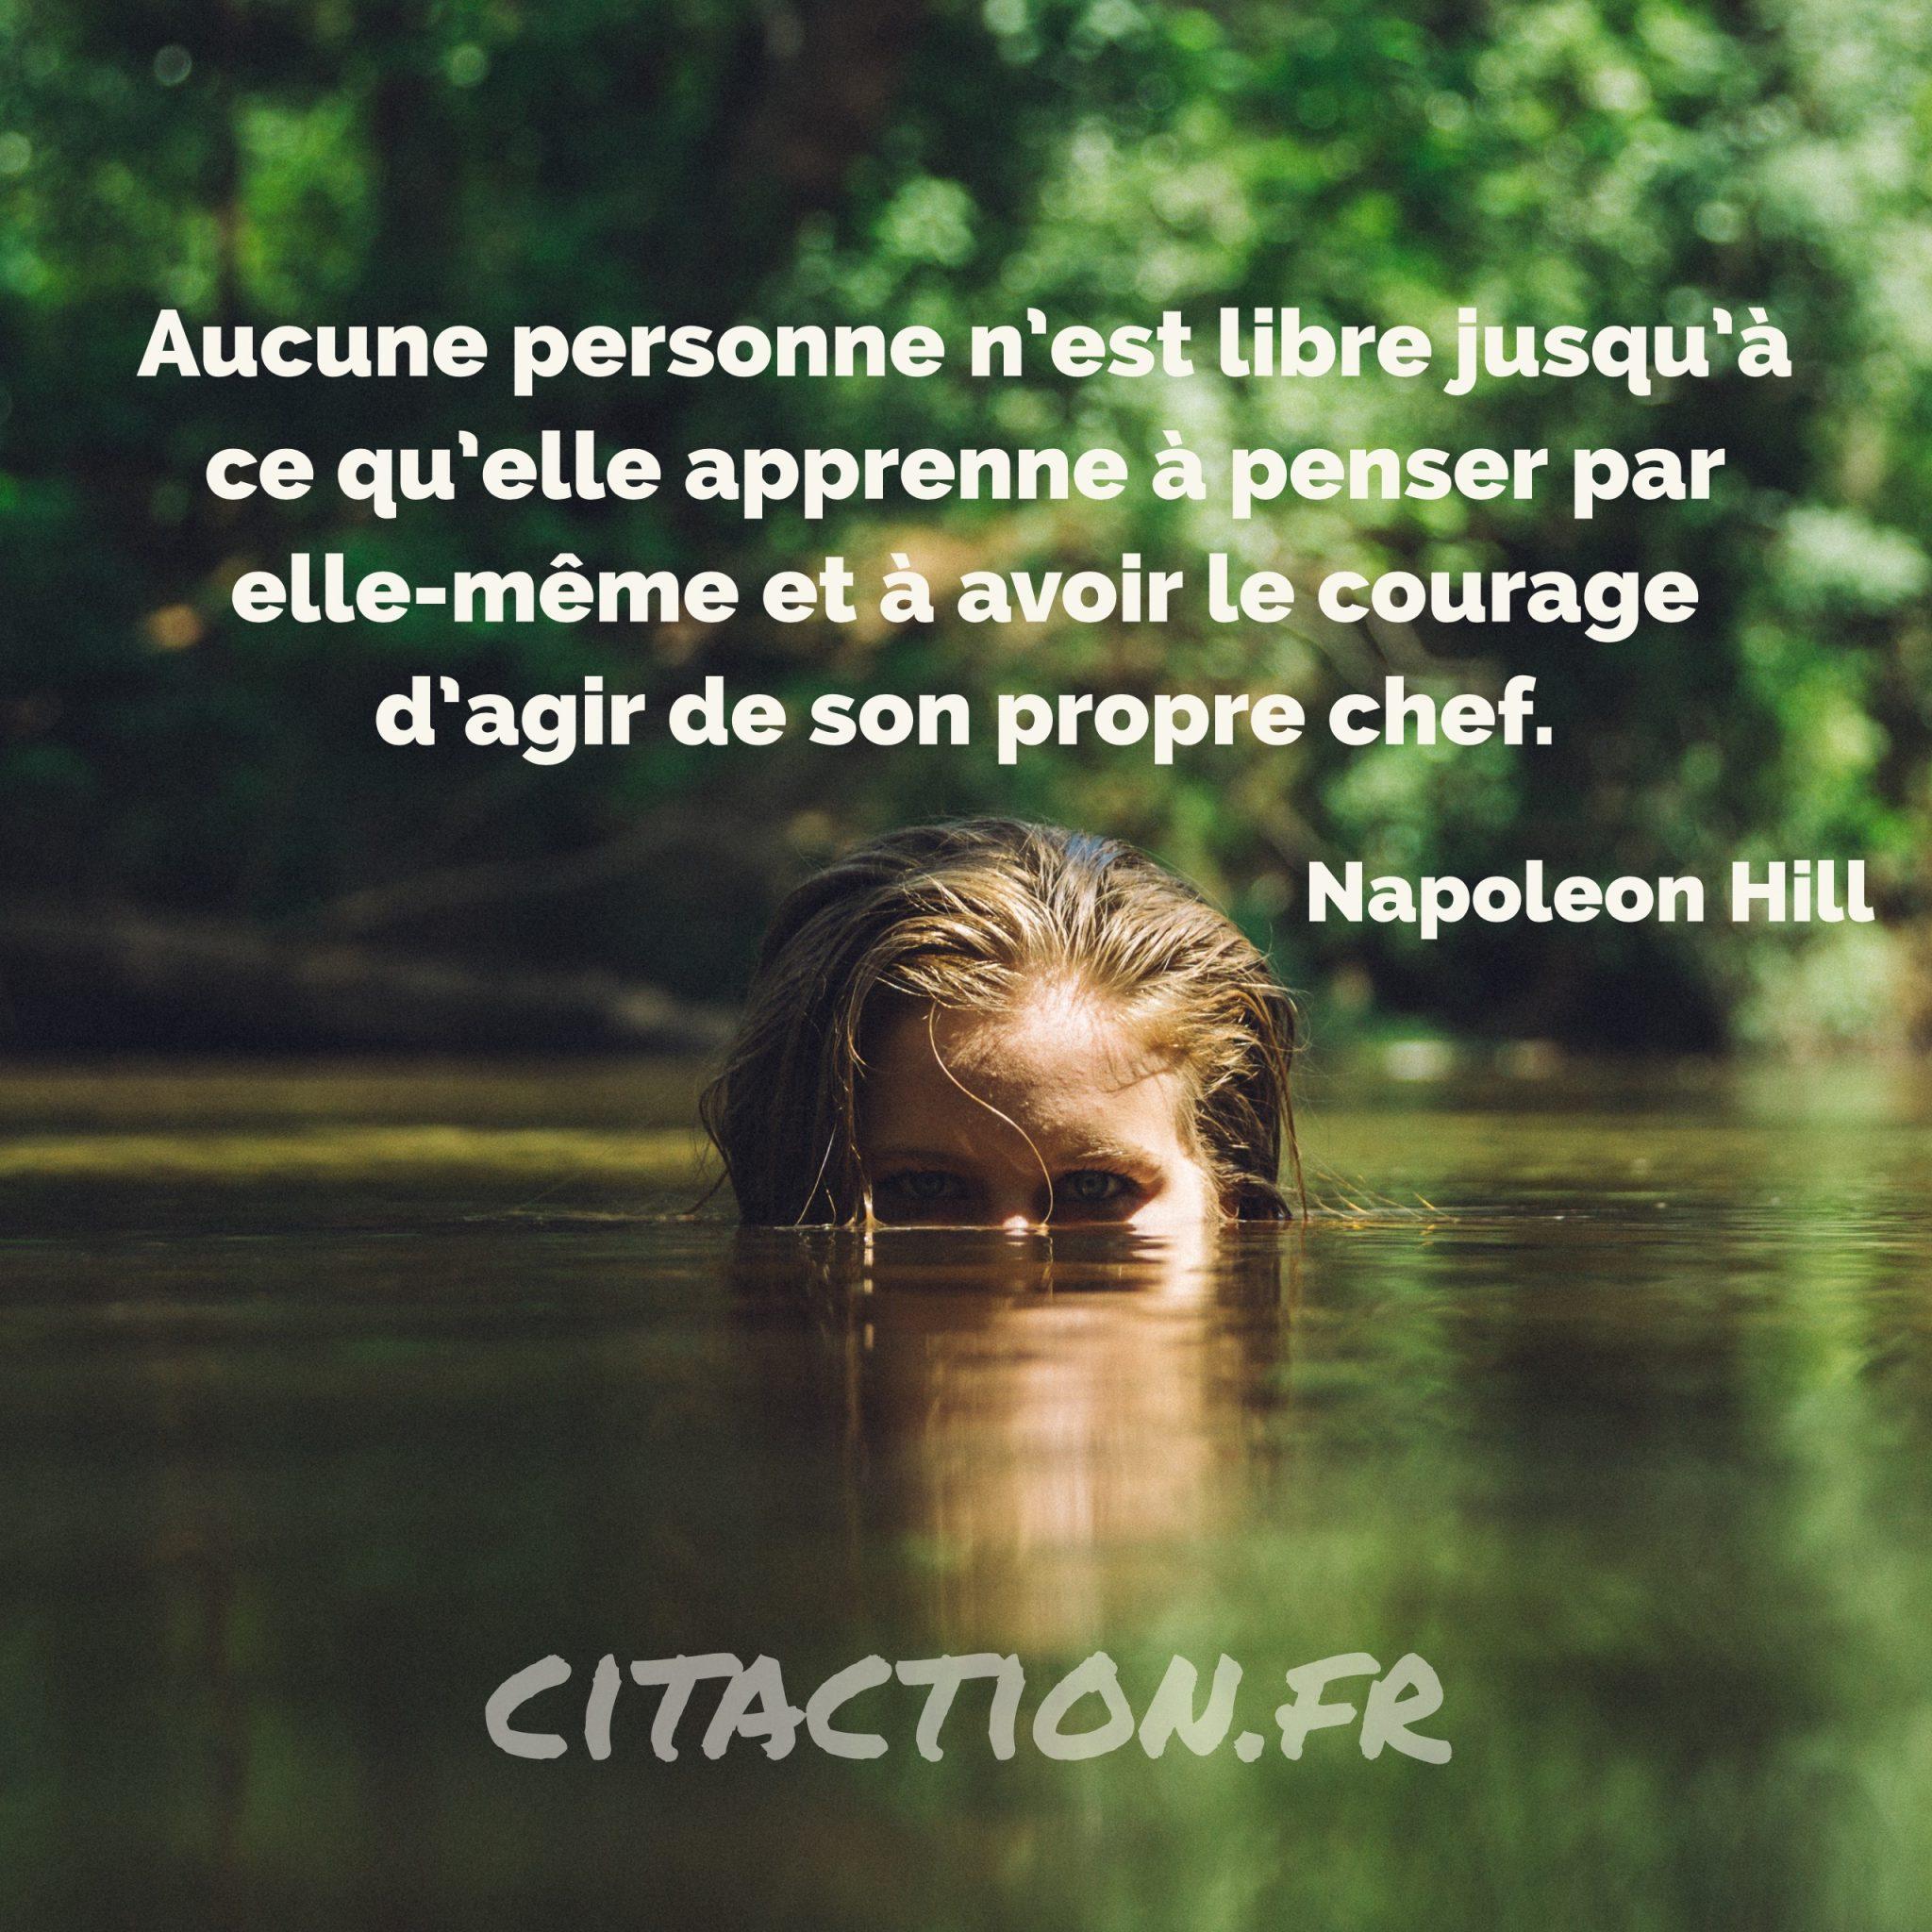 Aucune personne n'est libre jusqu'à ce qu'elle apprenne à penser par elle-même et à avoir le courage d'agir de son propre chef.